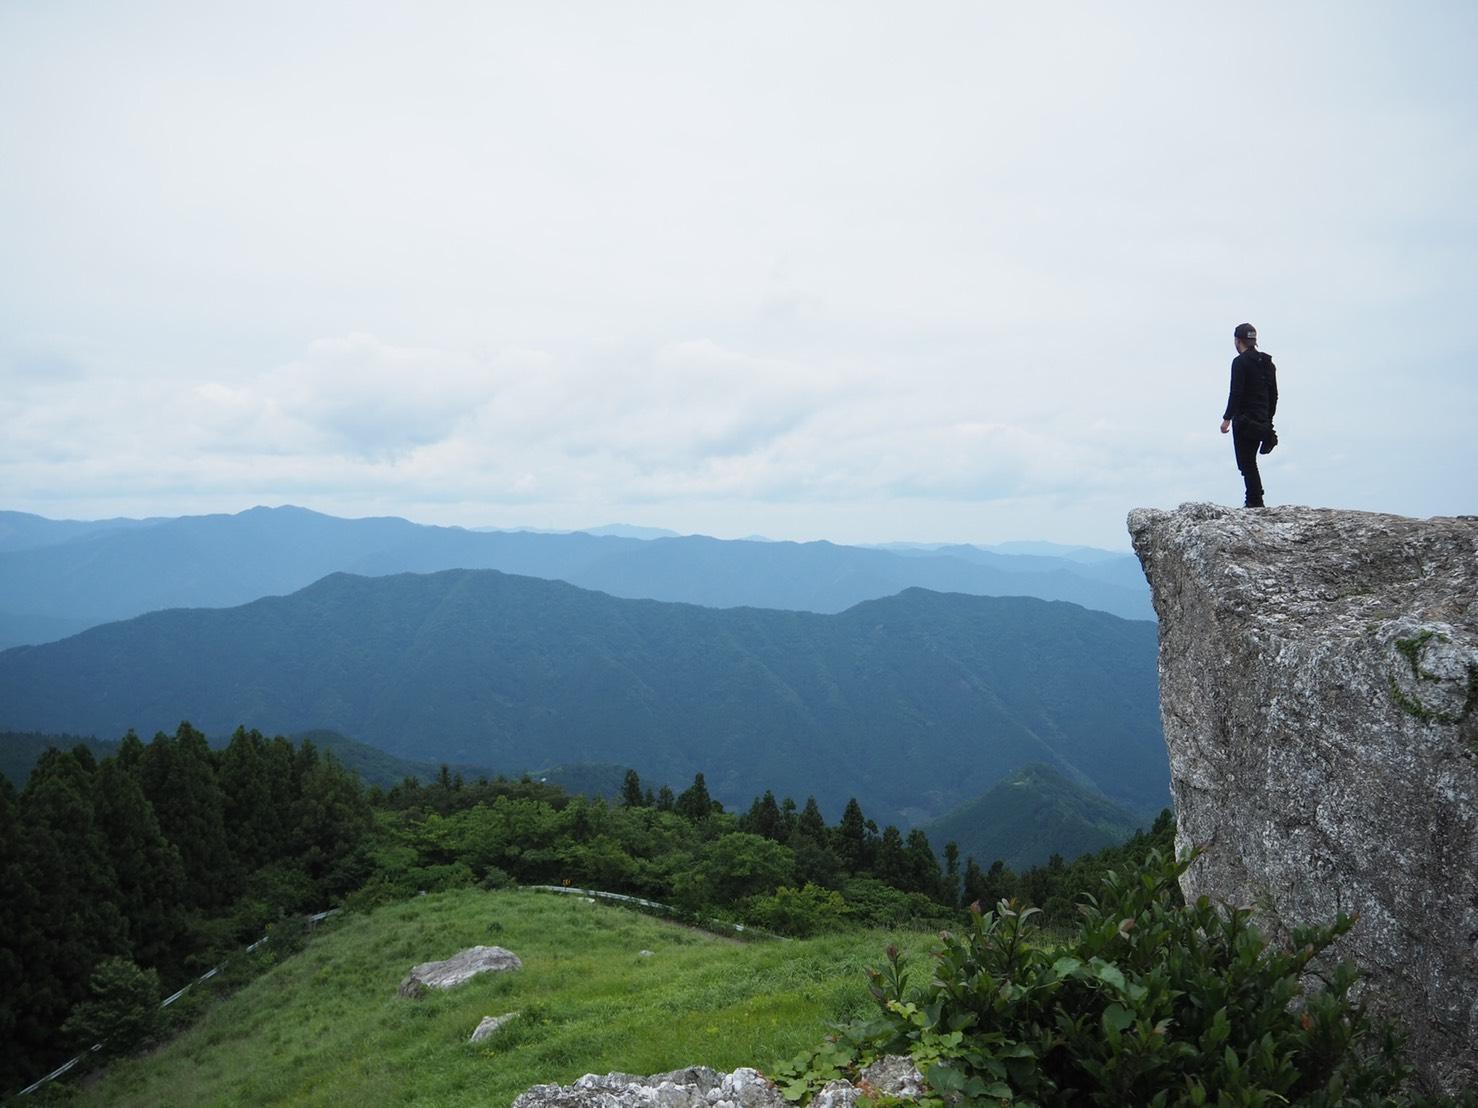 ぴーきち&ダイナ ハーレーブログ 和歌山有田ツーリング 生石高原の景色 岩場